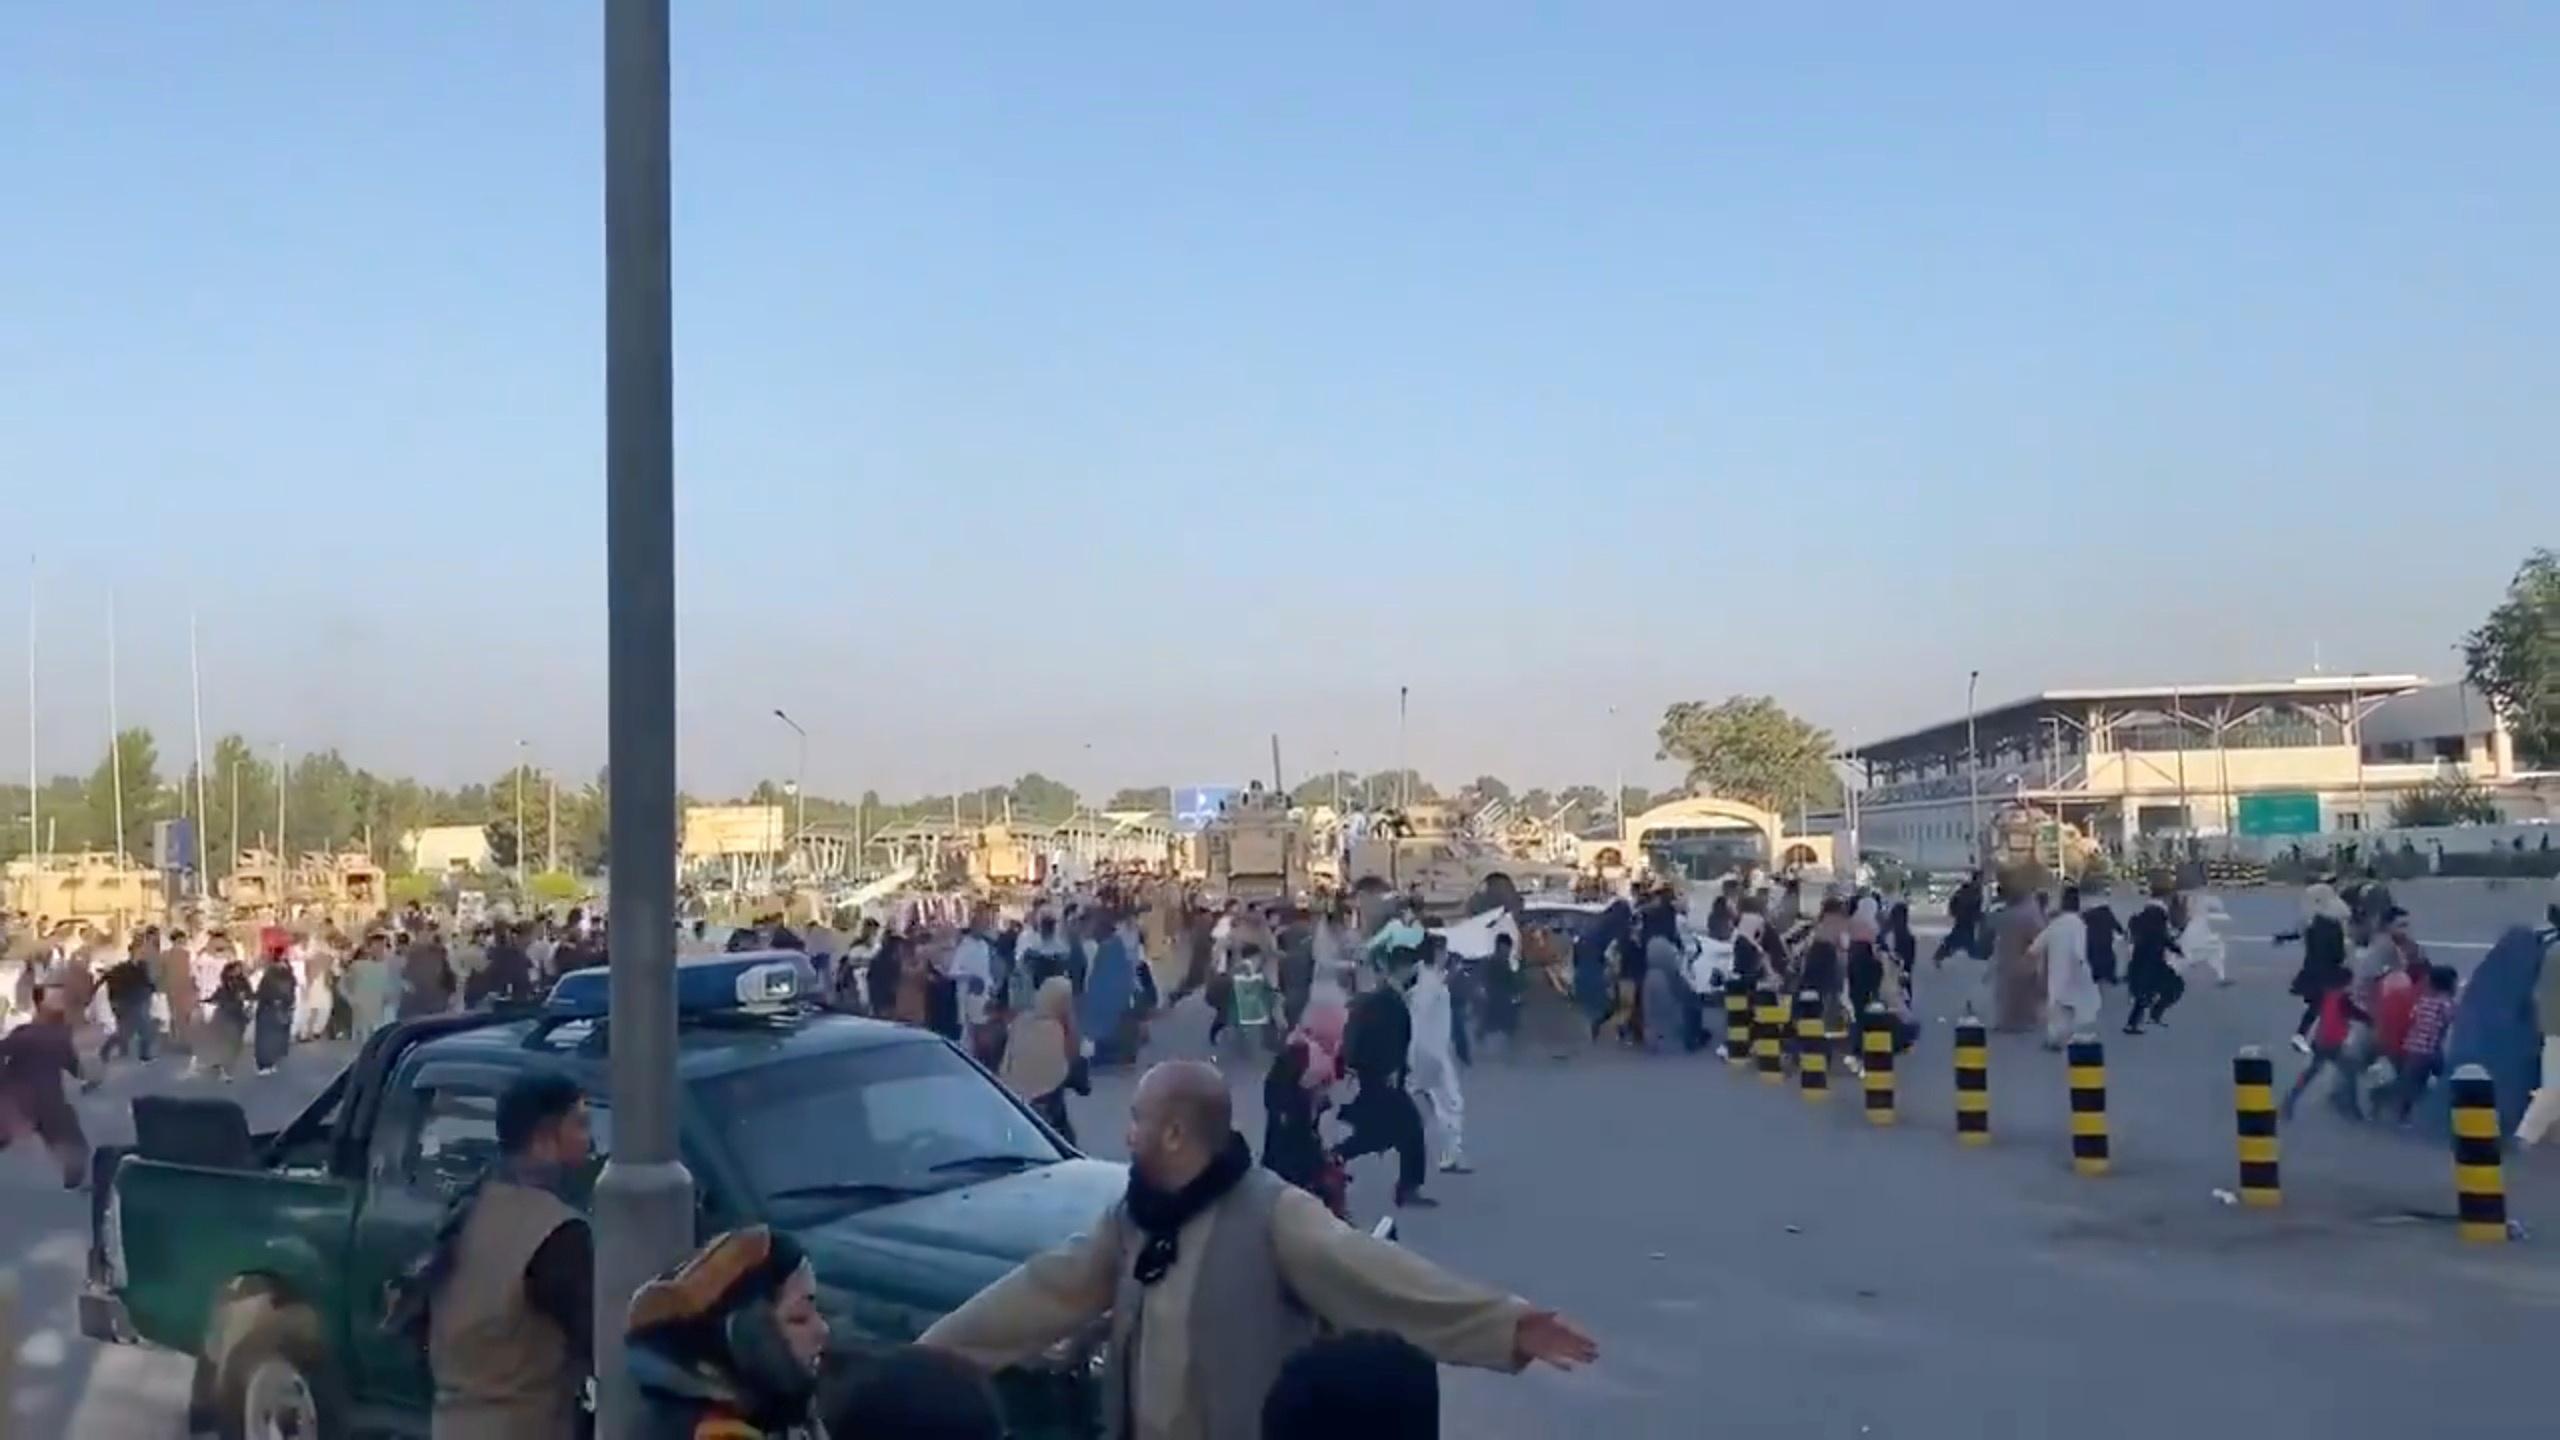 Αφγανιστάν: Χάος στο αεροδρόμιο της Καμπούλ – Άνθρωποι ποδοπατήθηκαν μέχρι θανάτου